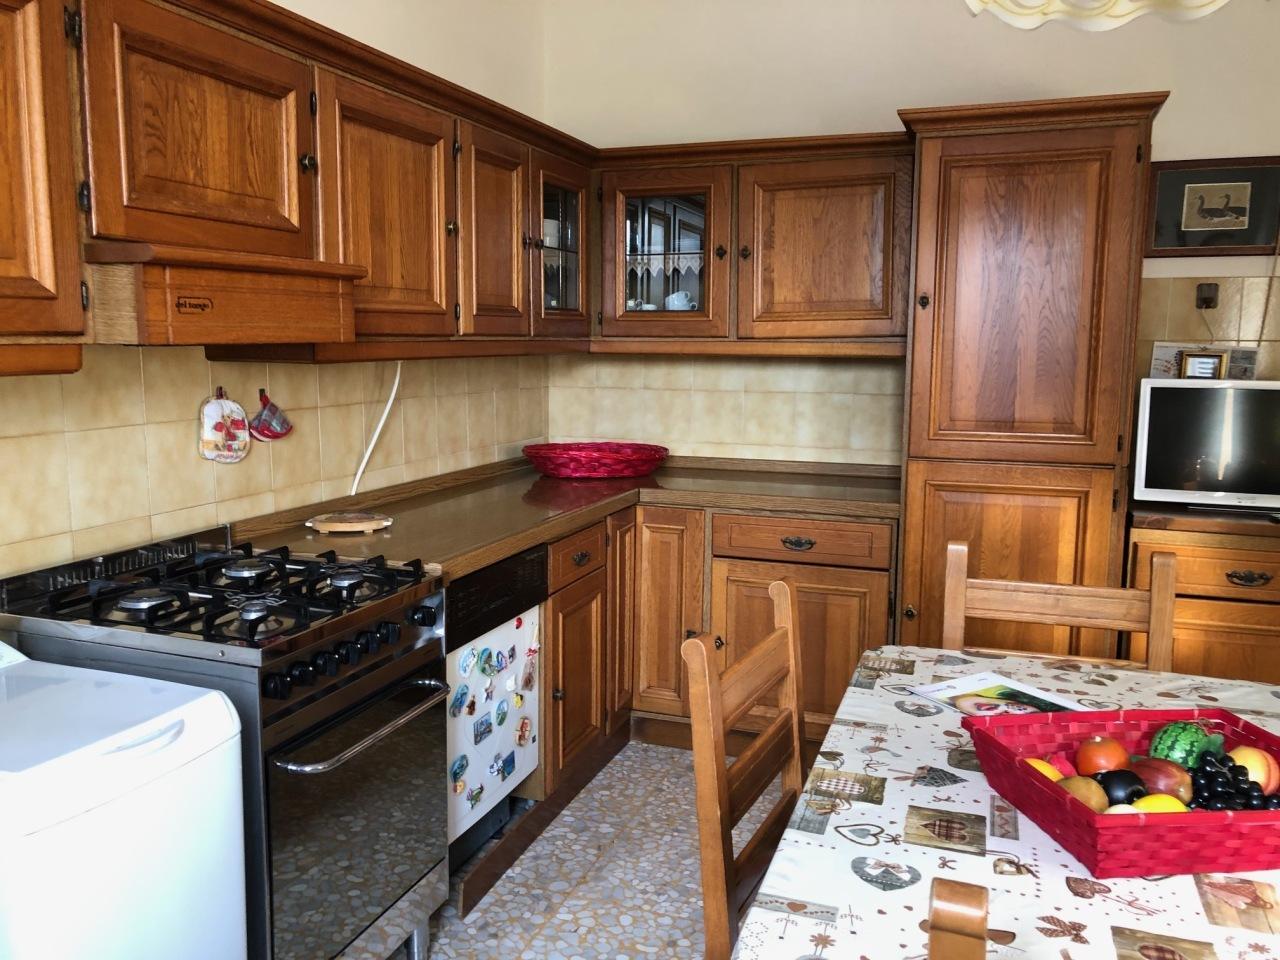 Soluzione Semindipendente in affitto a Ortonovo, 4 locali, prezzo € 500 | PortaleAgenzieImmobiliari.it